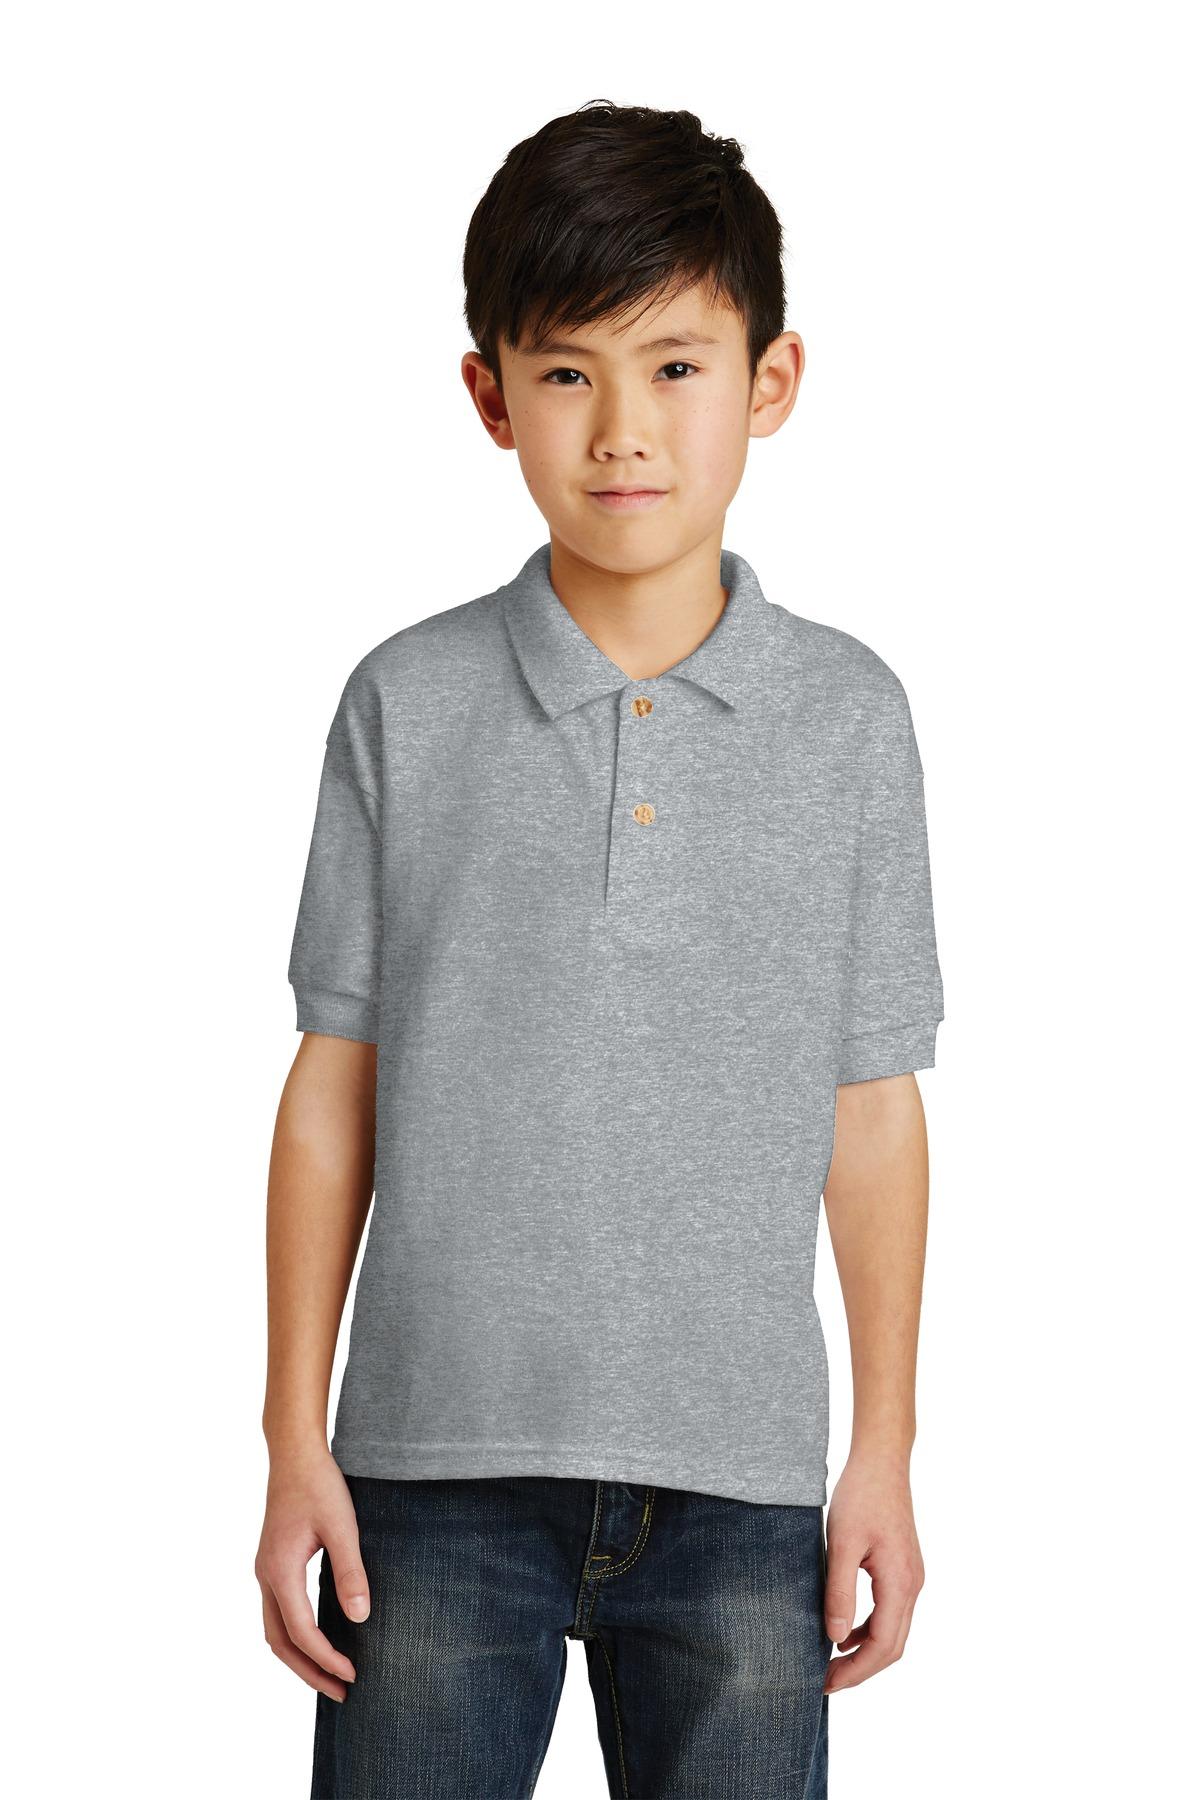 Gildan Youth DryBlend 6-Ounce Jersey Knit Sport Shirt